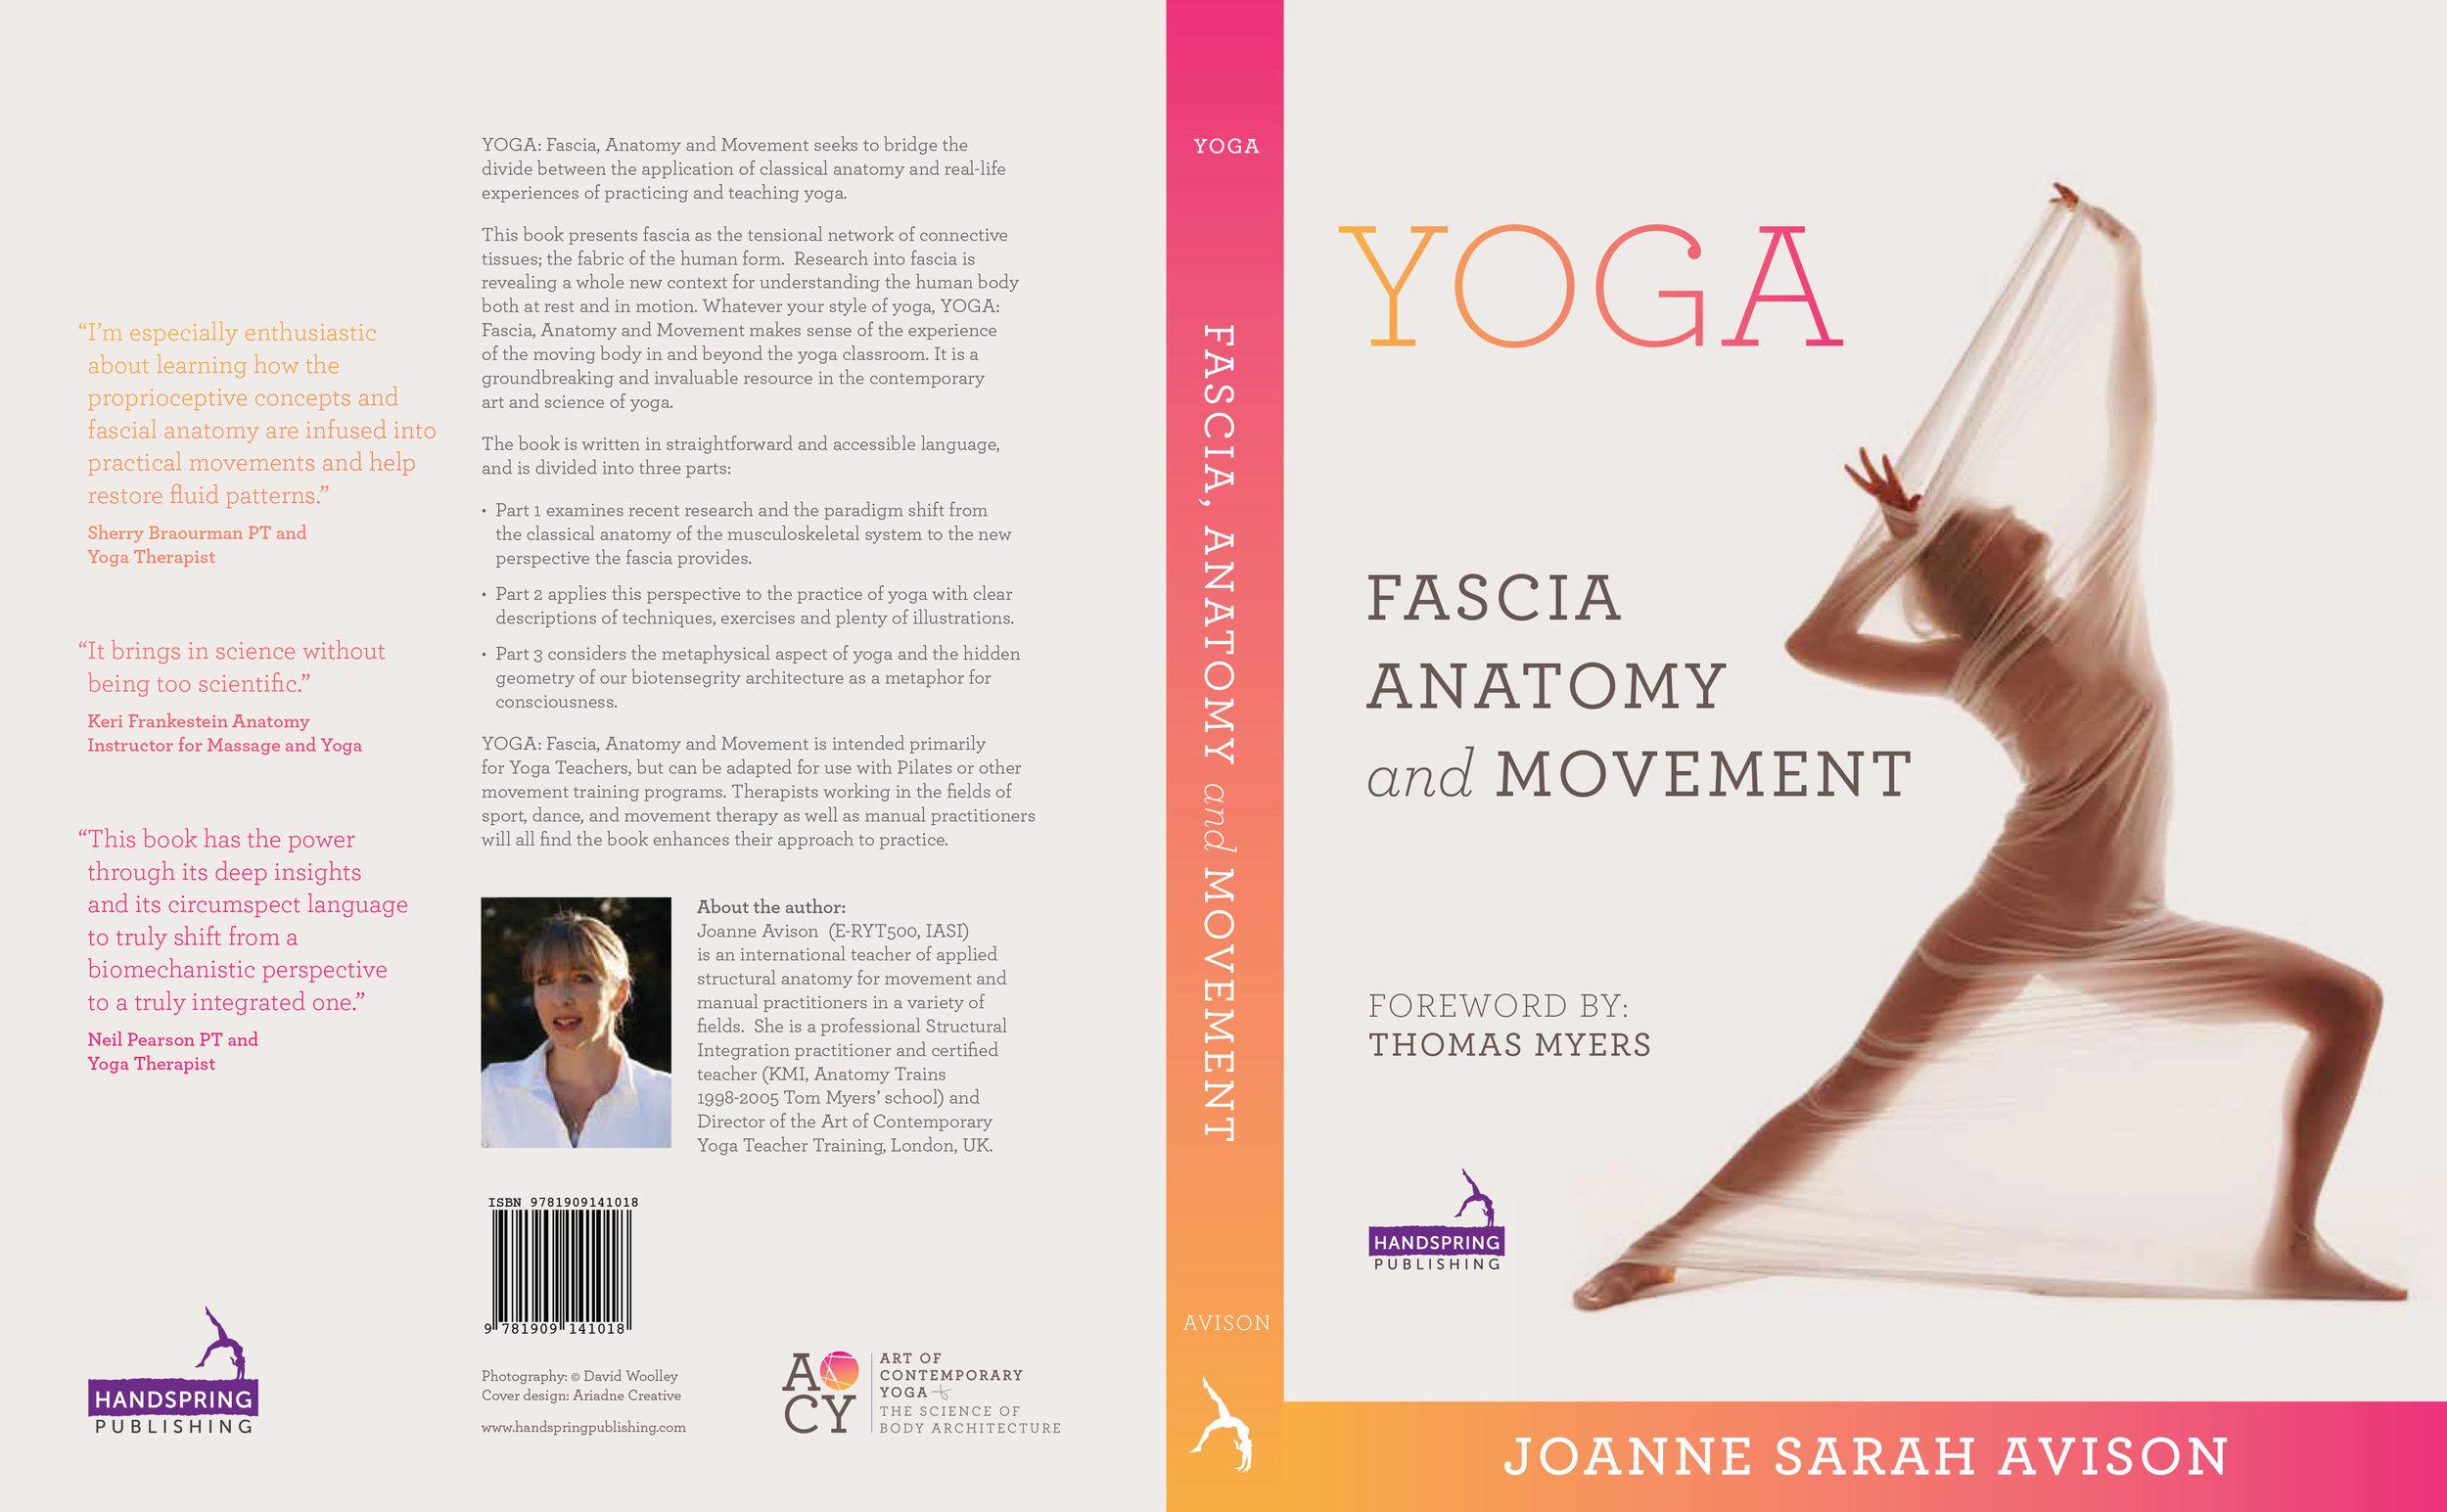 YOGA FASCIA ANATOMY AND MOVEMENT -